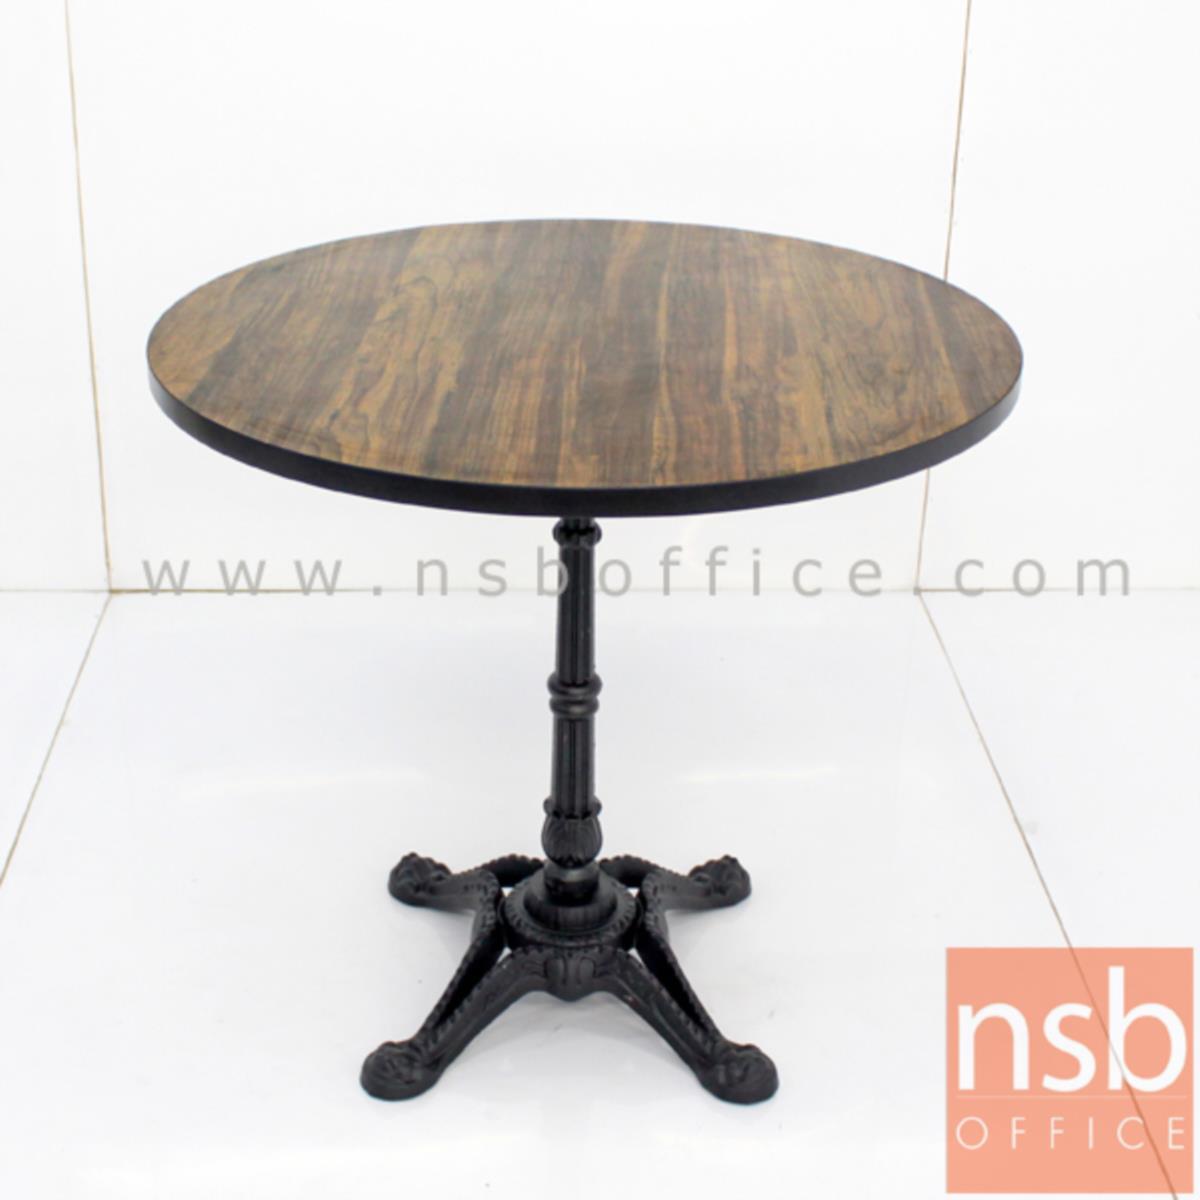 โต๊ะบาร์ COFFEE รุ่น Lindgren (ลินด์เกรน)  ขาเหล็กฐานสี่แฉกสีดำ